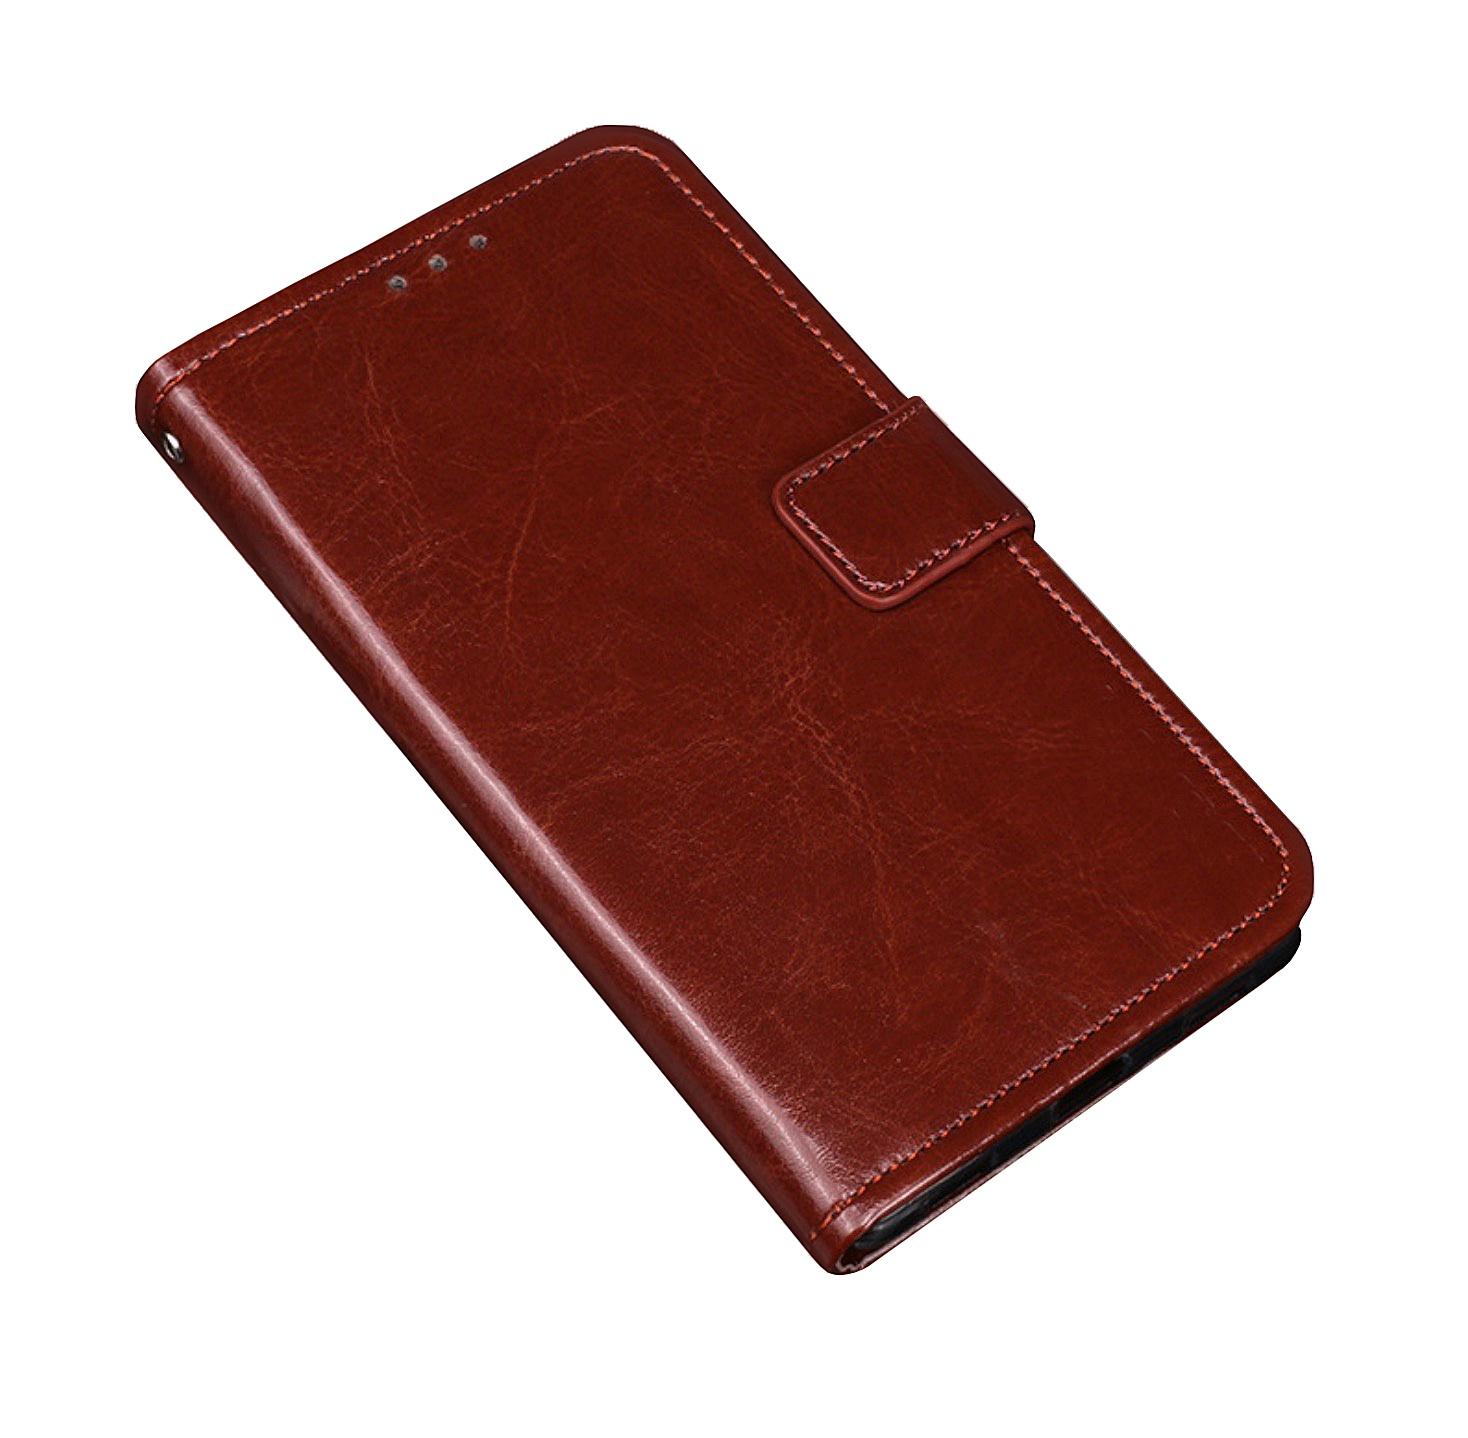 Чехол-книжка MyPads для Nokia X7 / 7.1 Plus / Nokia 8.1 с мульти-подставкой застёжкой и визитницей коричневый использовать nokia как веб камеру